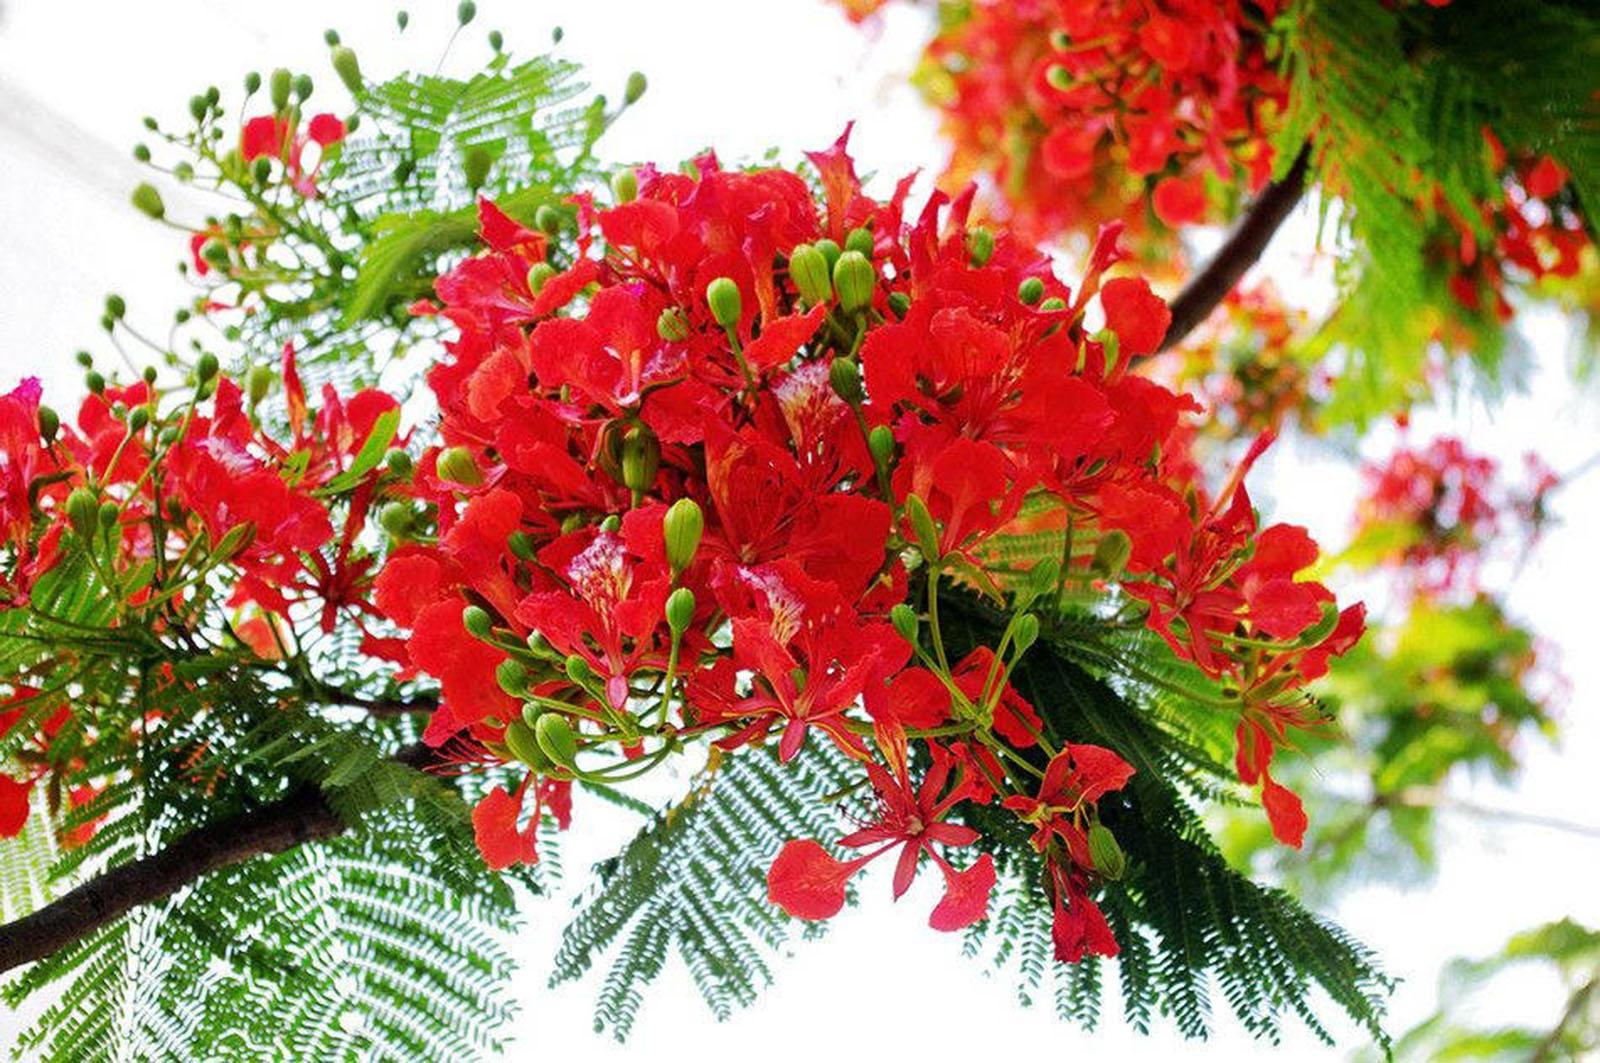 Hình ảnh cành hoa phượng cực đẹp